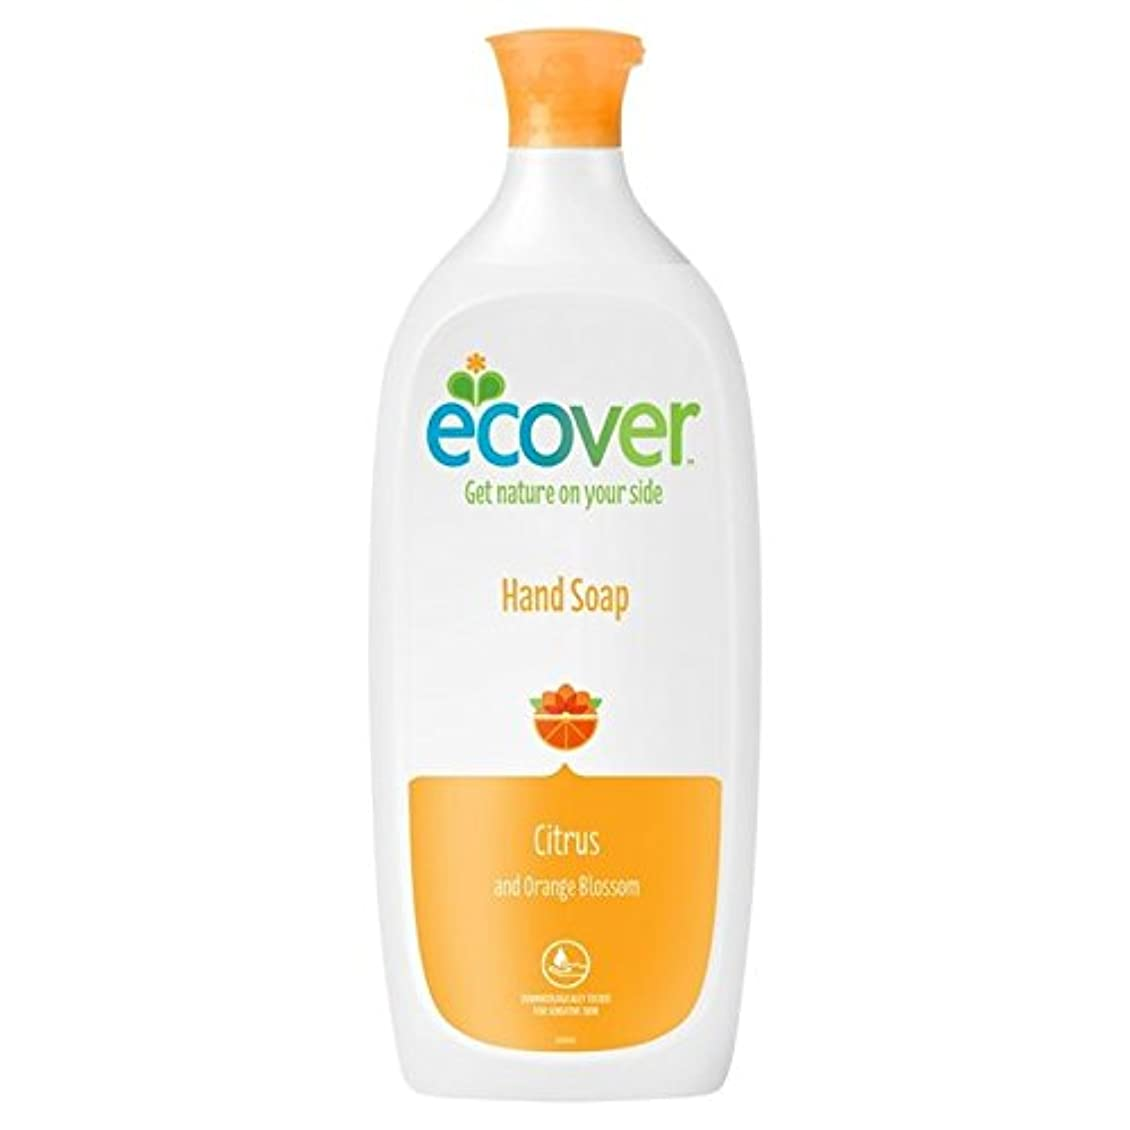 手がかり望ましい悪いエコベール液体石鹸シトラス&オレンジの花のリフィル1リットル x2 - Ecover Liquid Soap Citrus & Orange Blossom Refill 1L (Pack of 2) [並行輸入品]